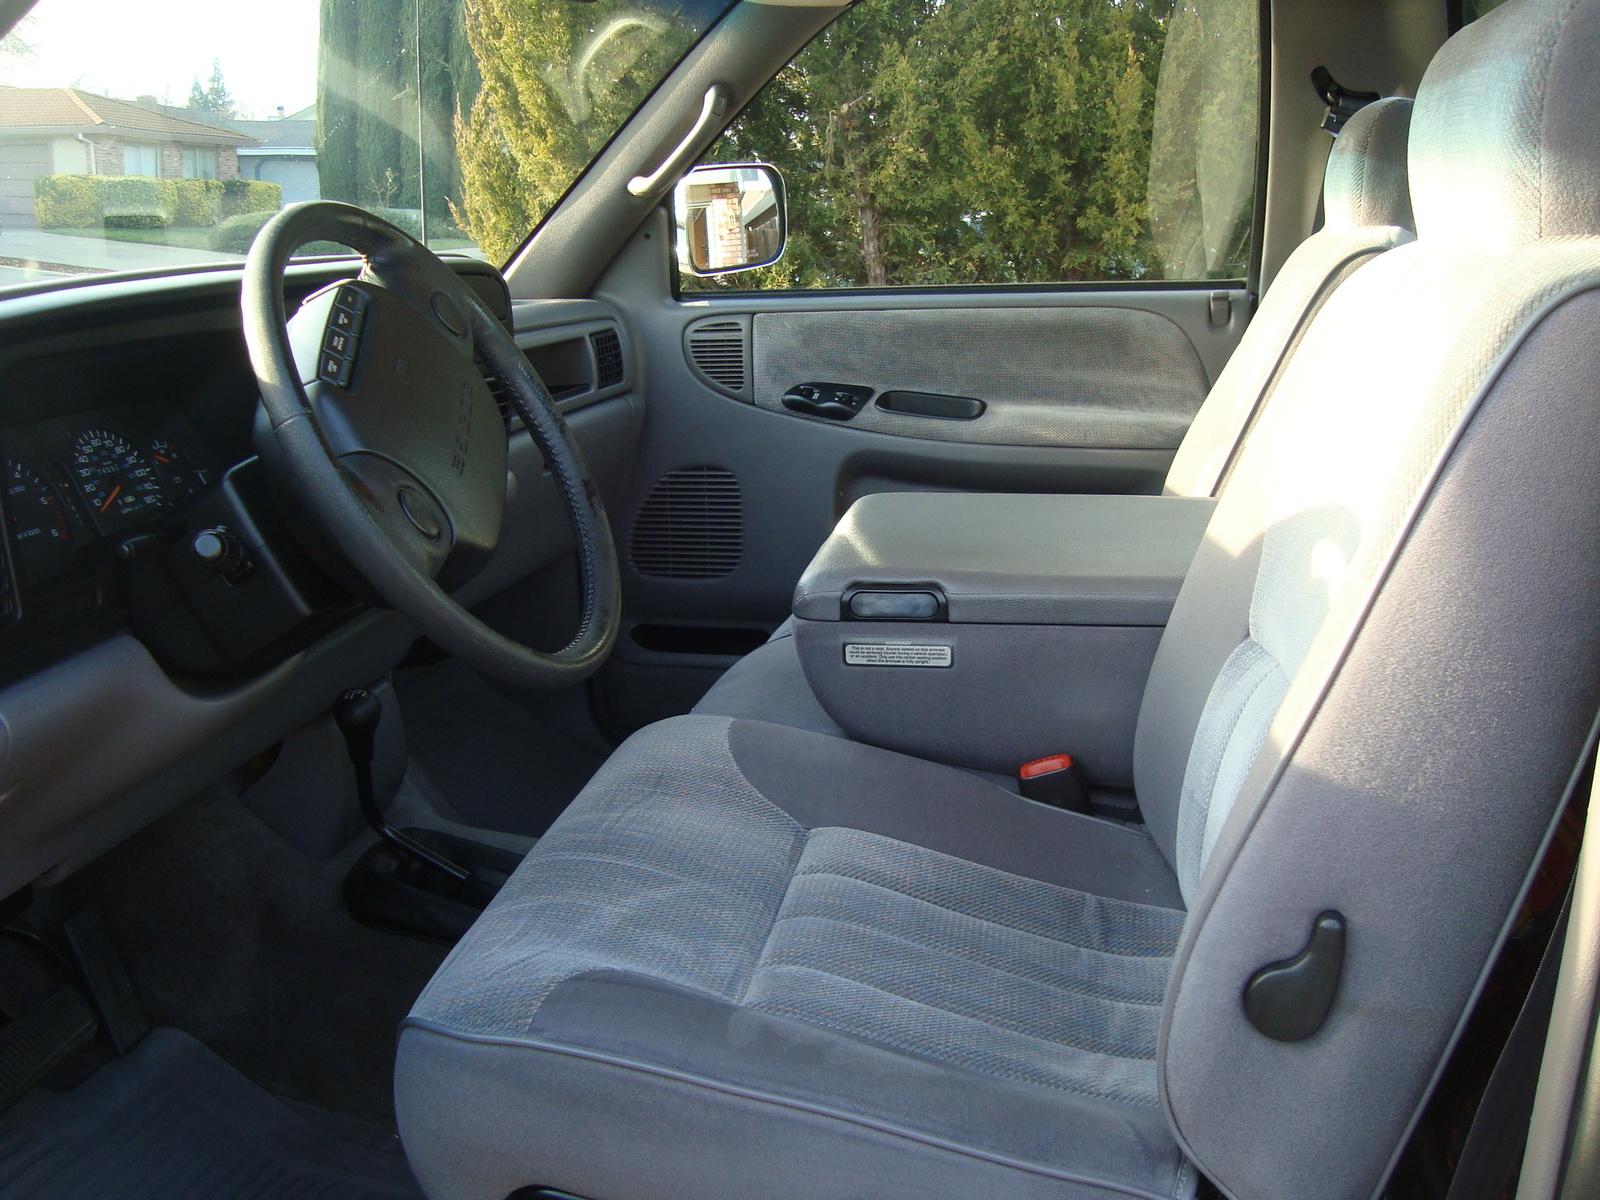 Dodge Ram Pickup Dr Laramie Slt Wd Standard Cab Sb Pic on 2001 Dodge Dakota Extended Cab Bed Cover